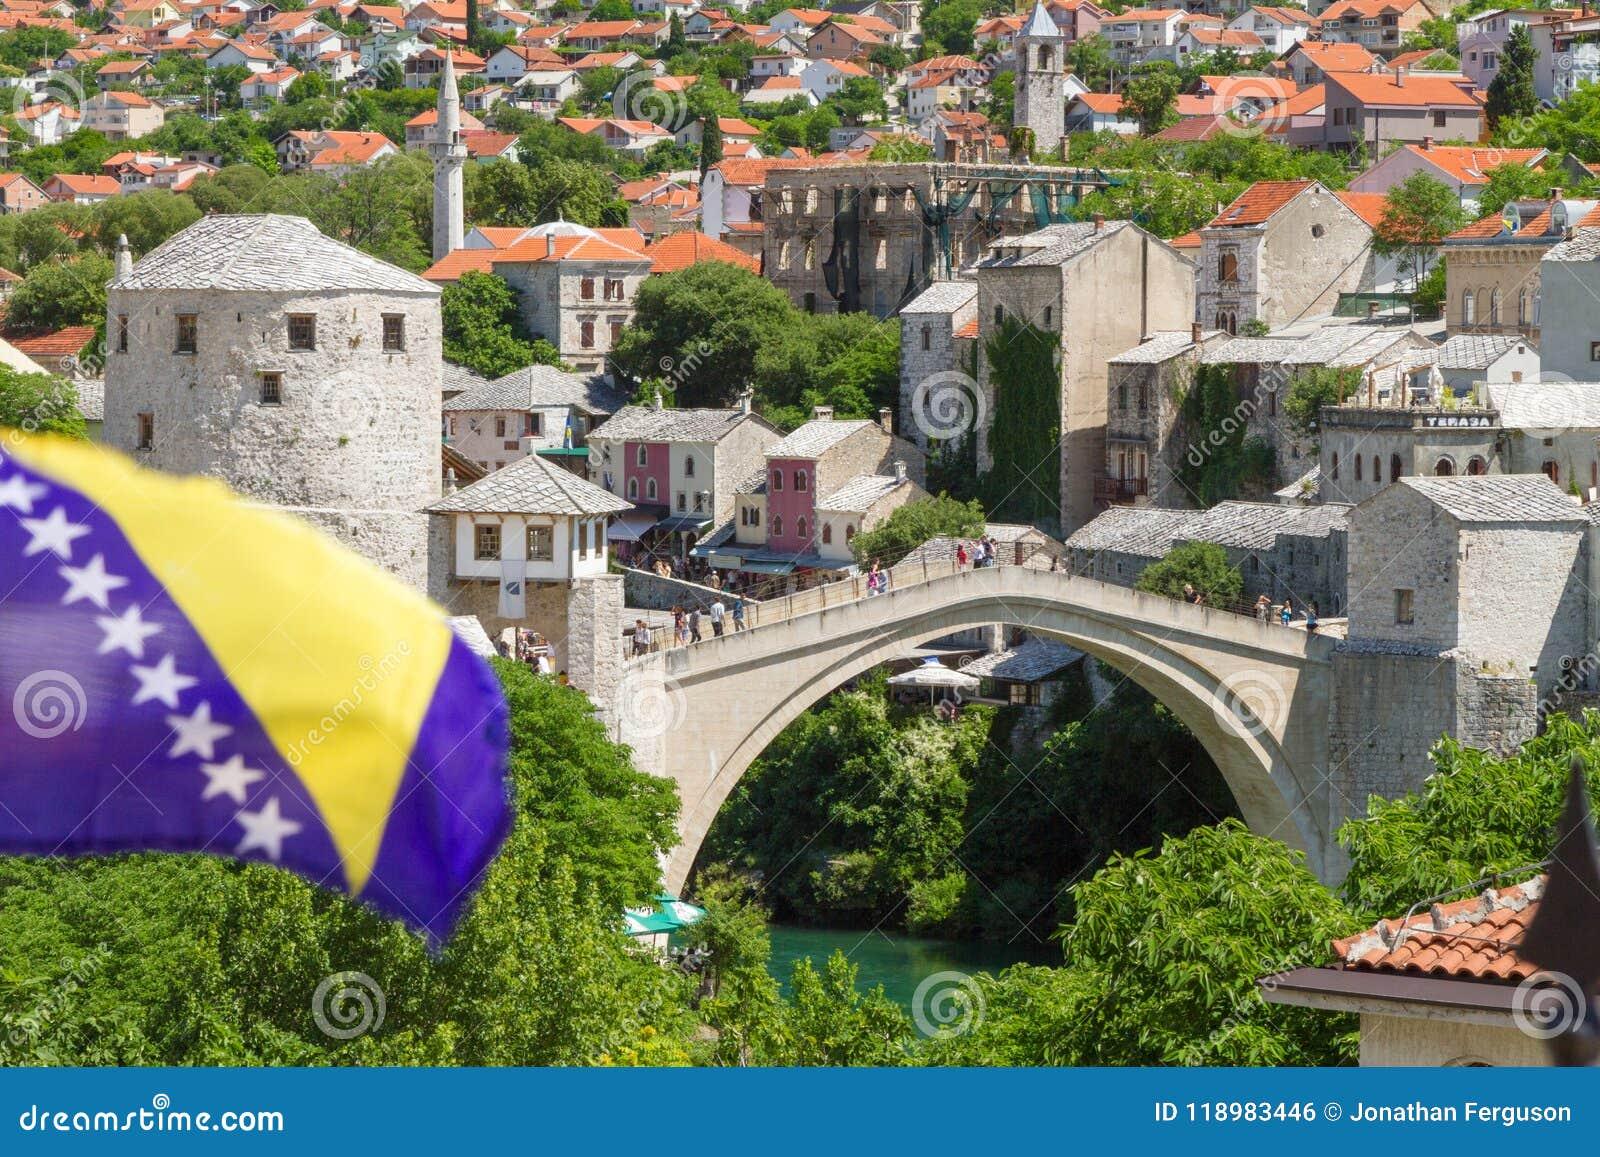 согласовывать зоны зоны зажим Боснии покрасил greyed herzegovina включает главную составляет карту вне территория положения путя